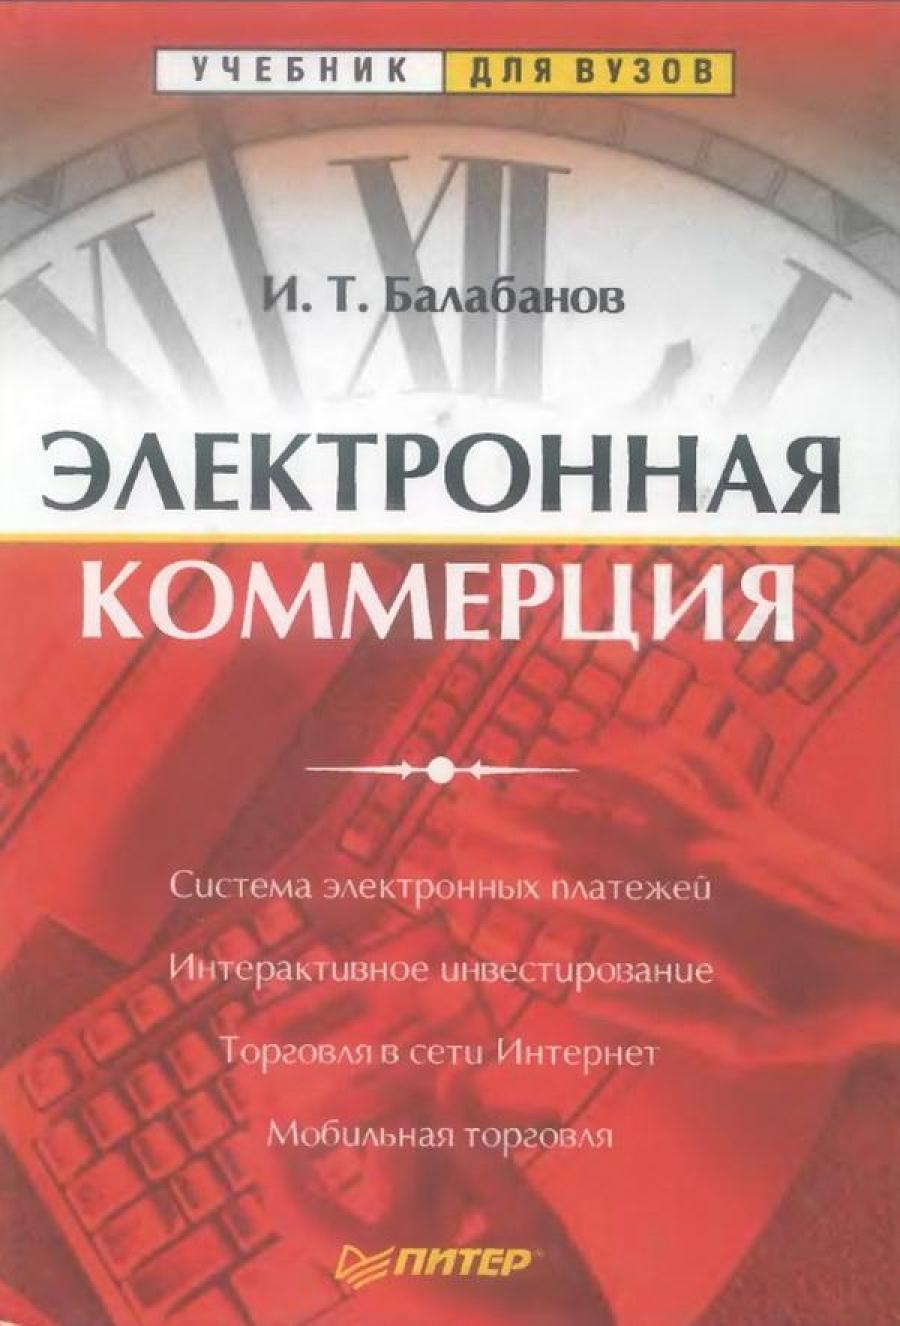 Обложка книги:  учебник для вузов - и. т. балабанов - электронная коммерция